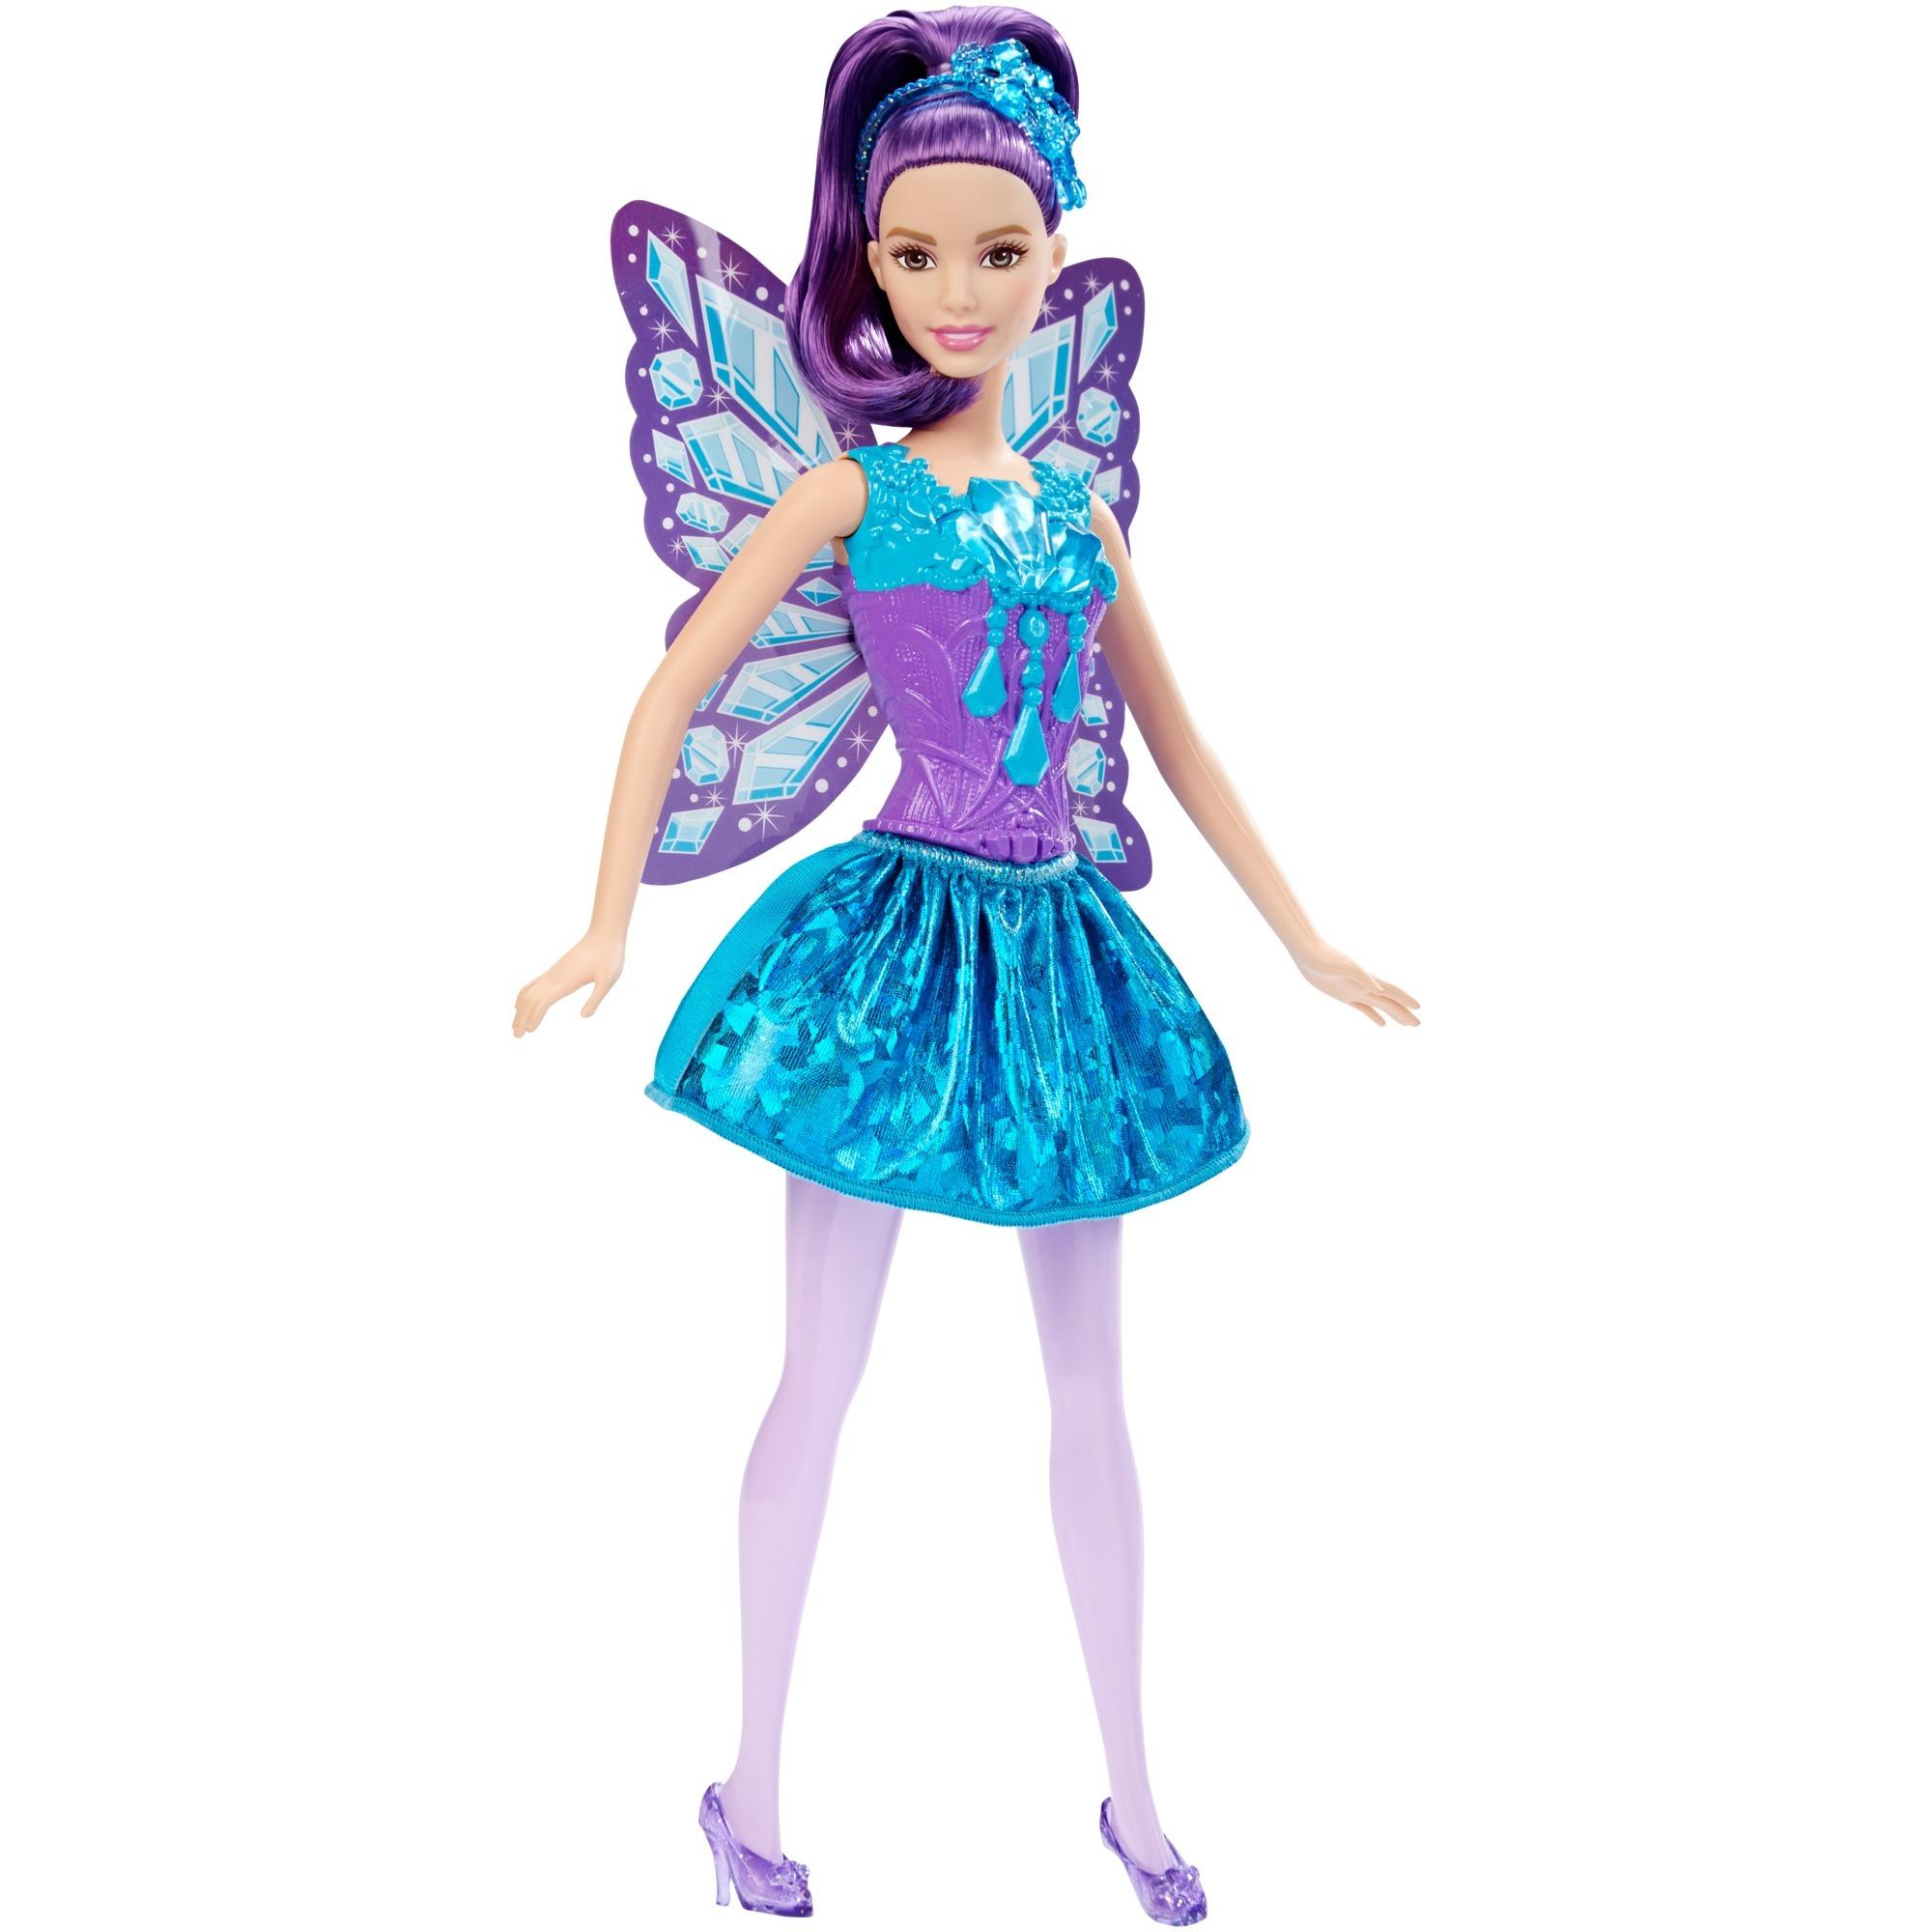 Barbie - Fée - Bijoux - Multicolore, Poupée